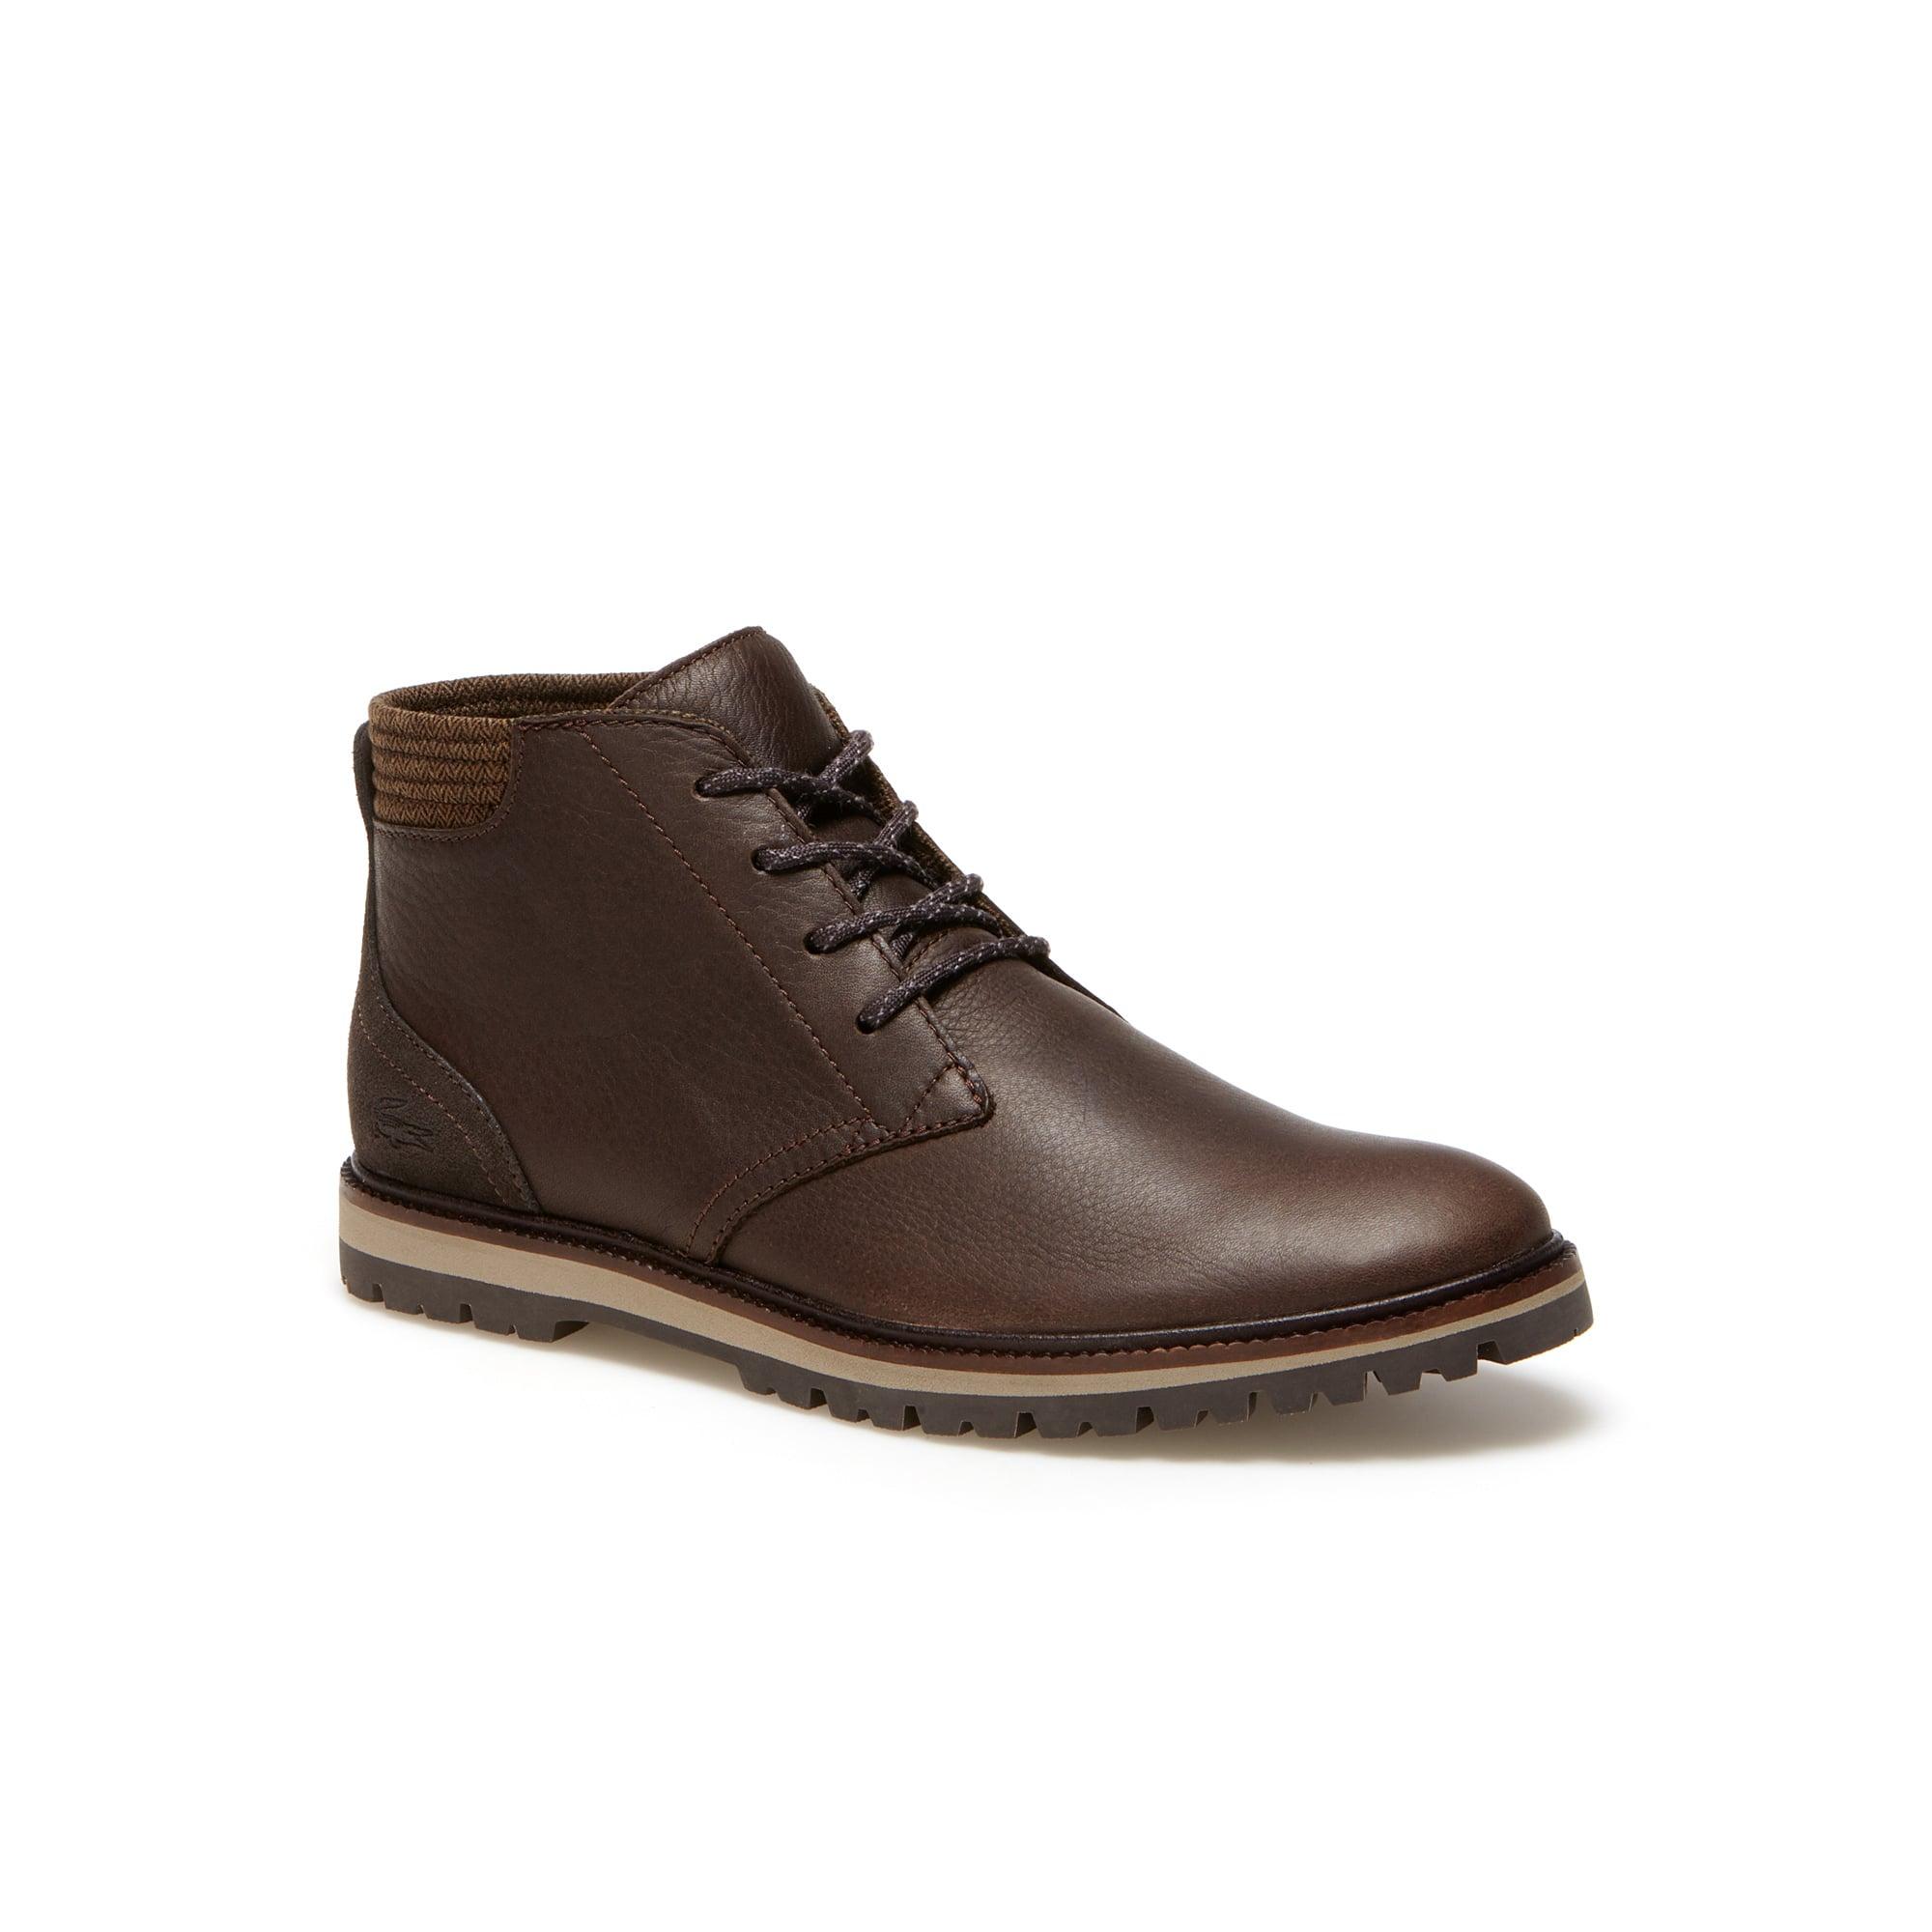 Men's Montbard Chukka Leather Boots